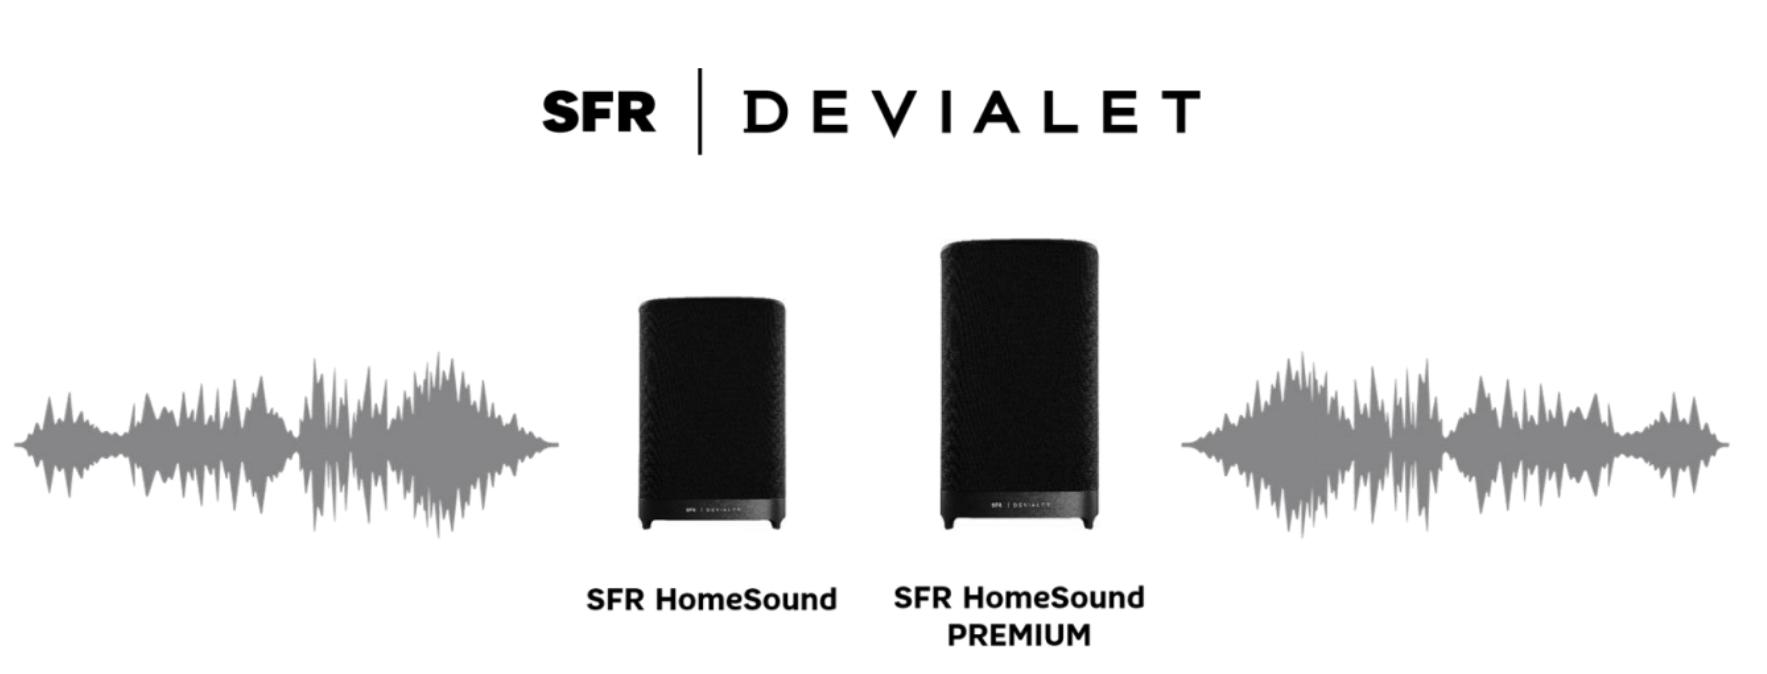 SFR lance une enceinte connectée avec Alexa créée aux côtés de Devialet